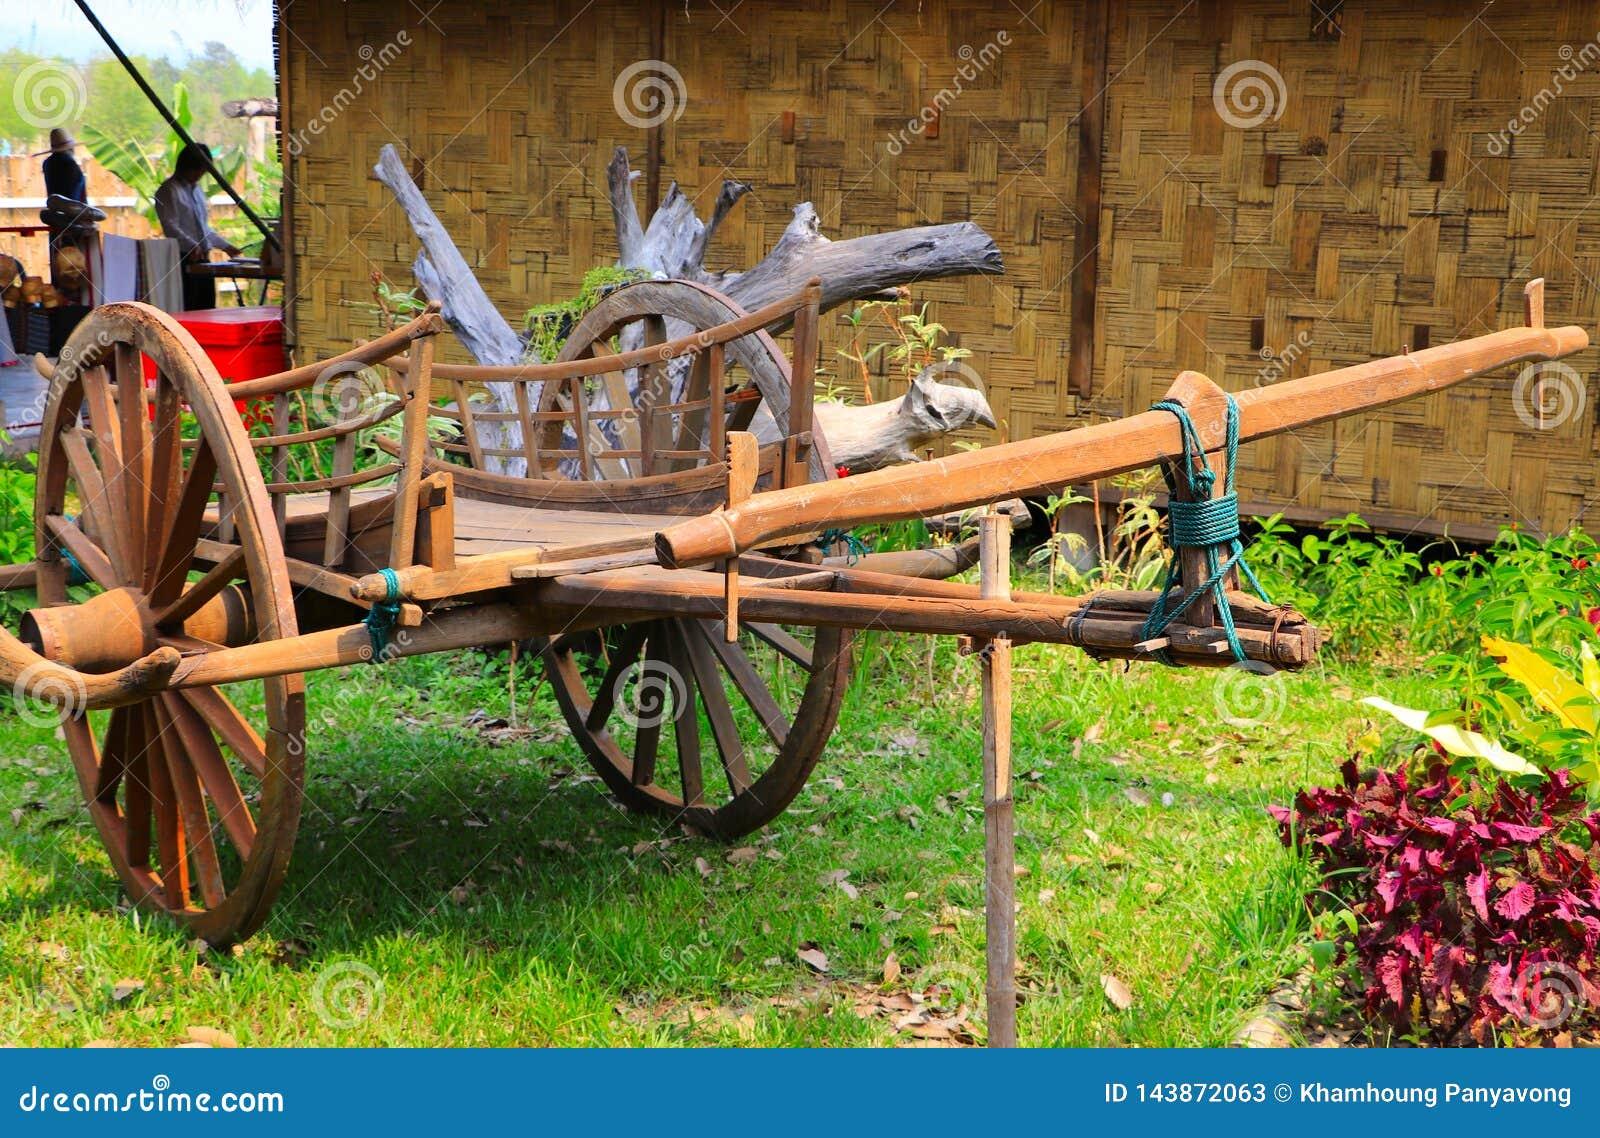 El oxcart de madera del carro del buey del vintage exhibe aire libre en el prado cultural del parque